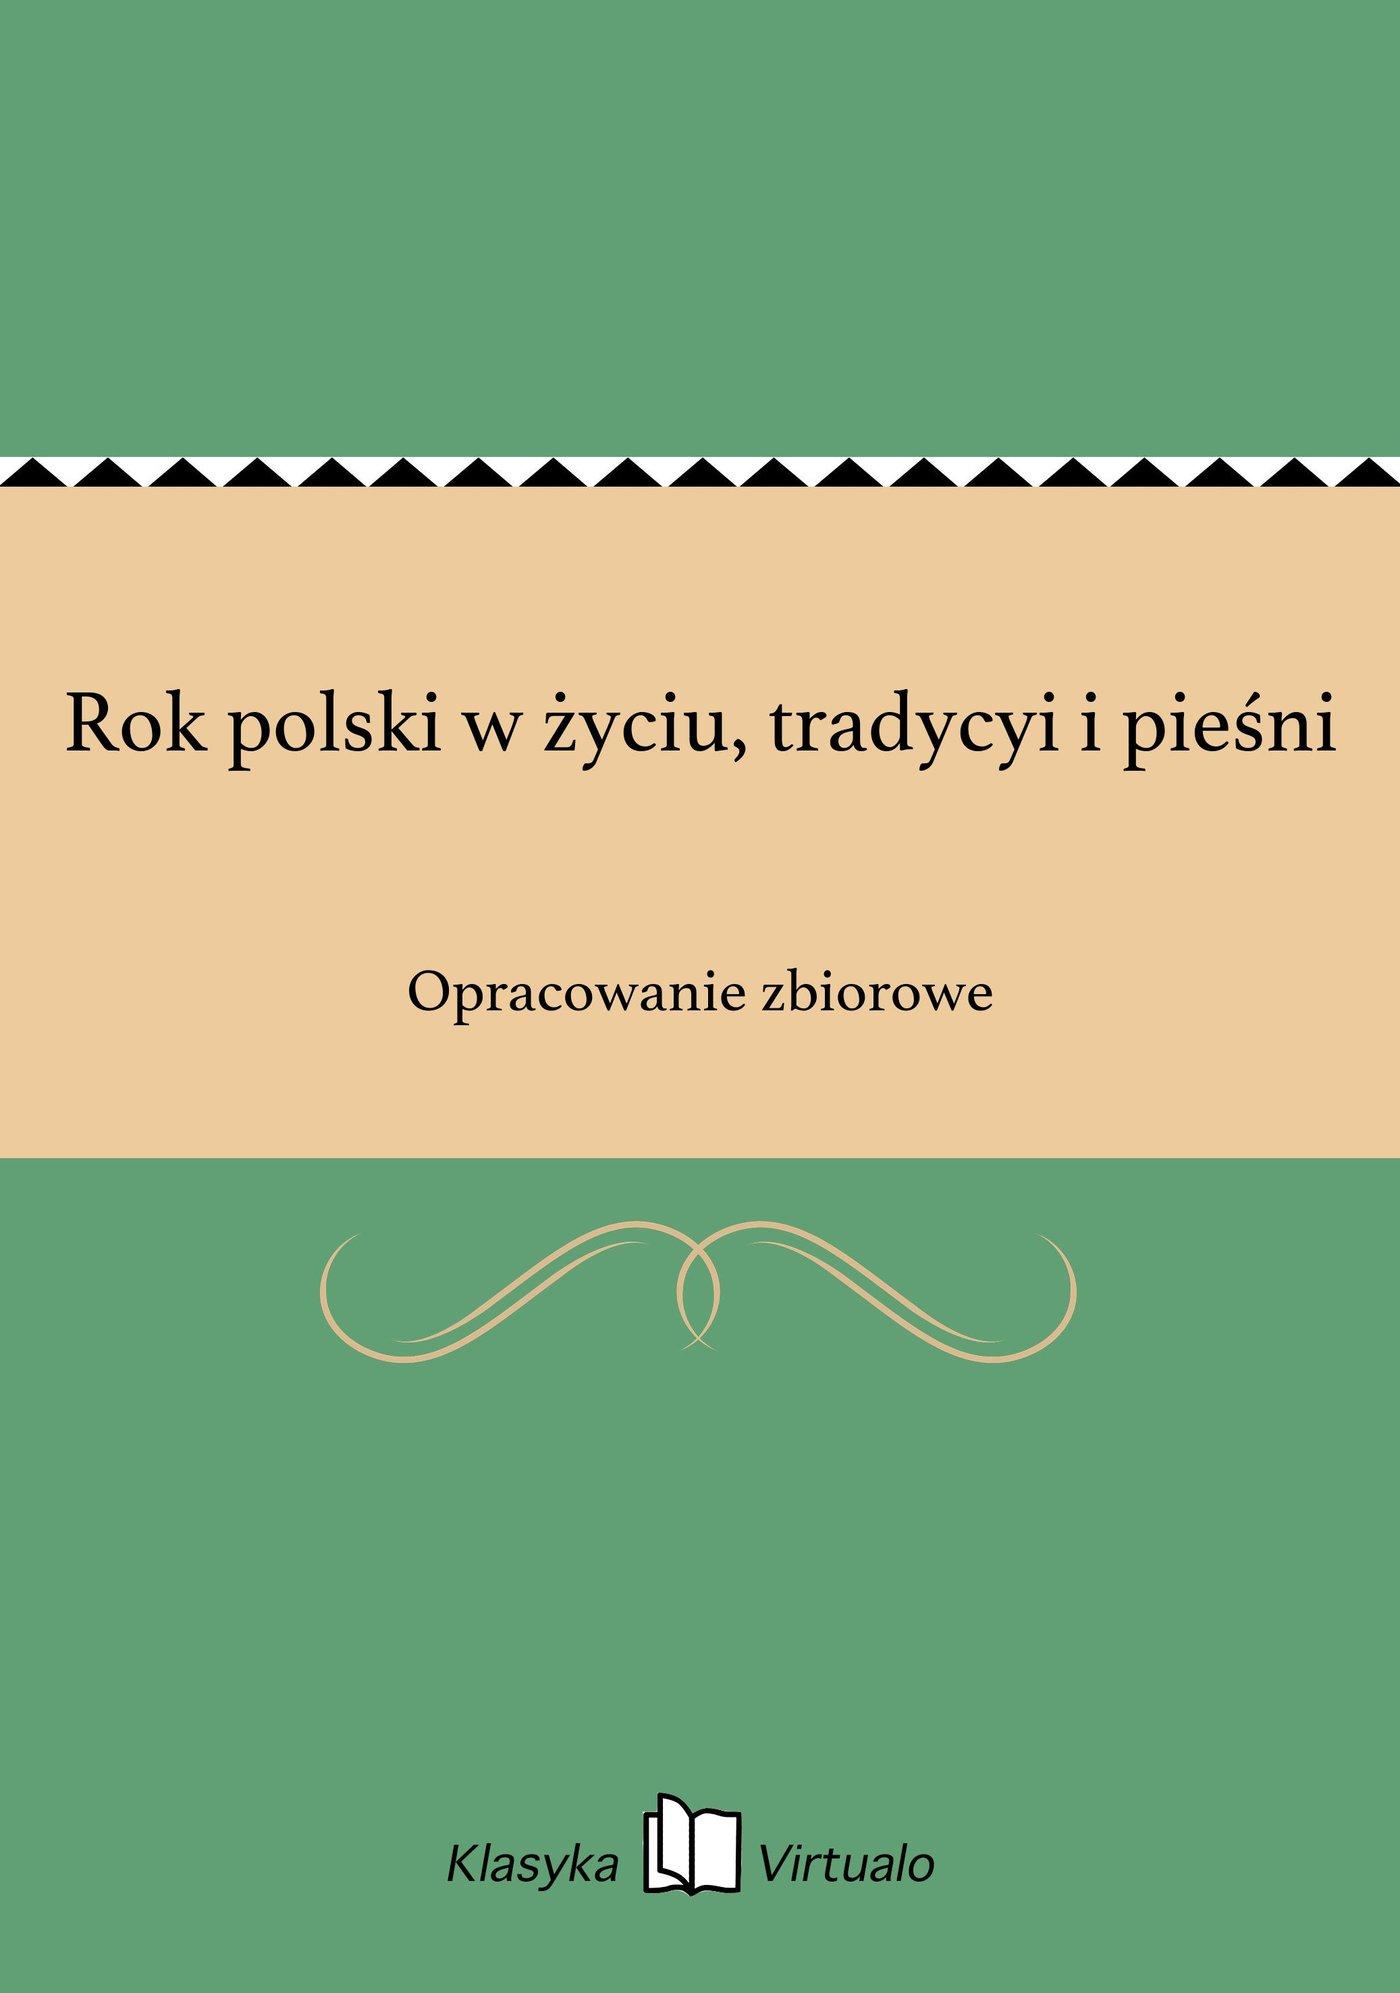 Rok polski w życiu, tradycyi i pieśni - Ebook (Książka na Kindle) do pobrania w formacie MOBI